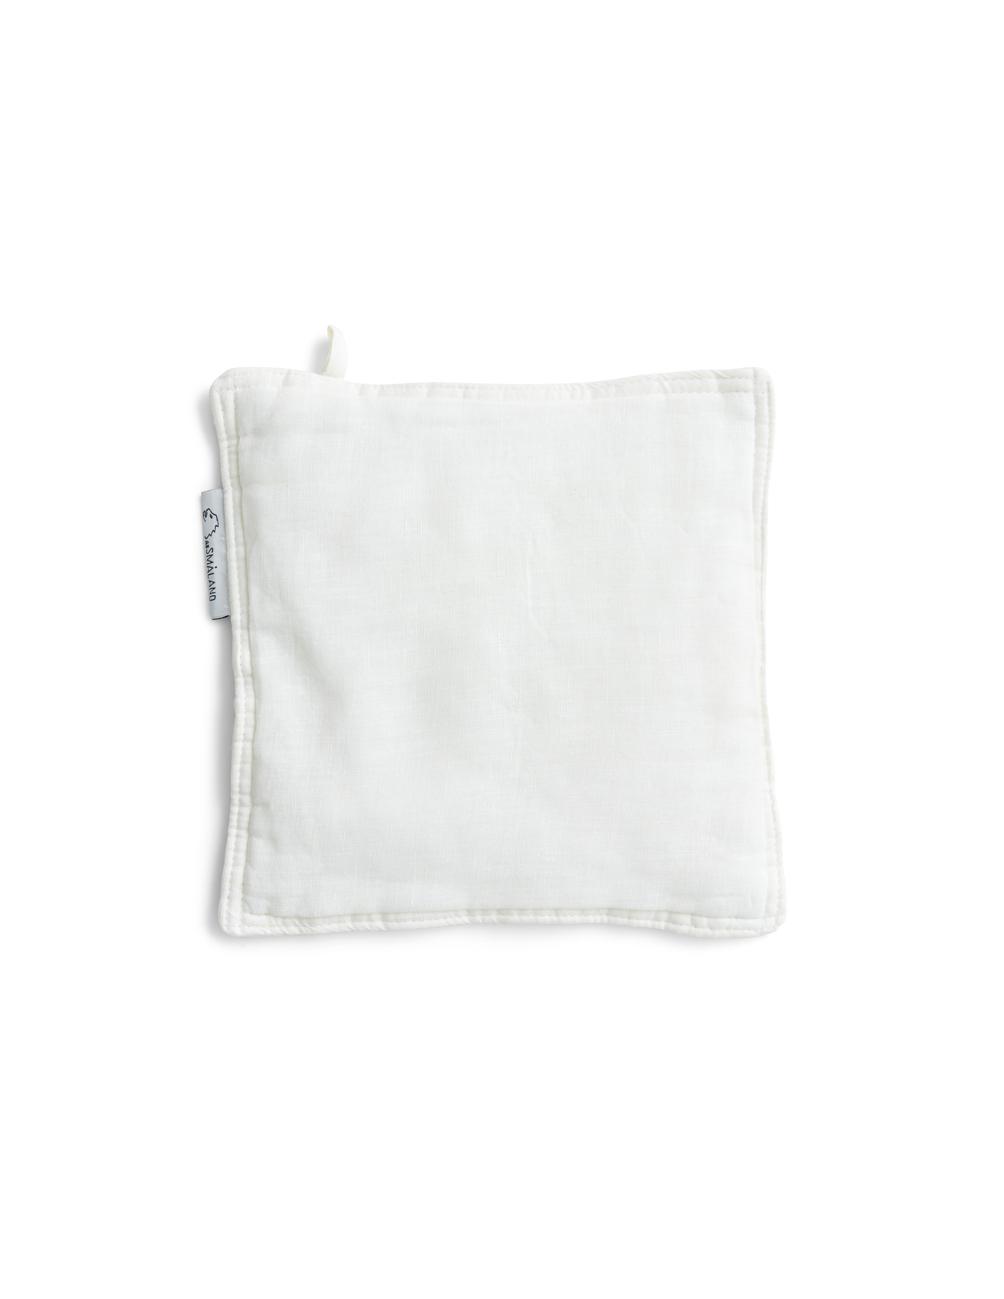 Linen Potholders Optical White